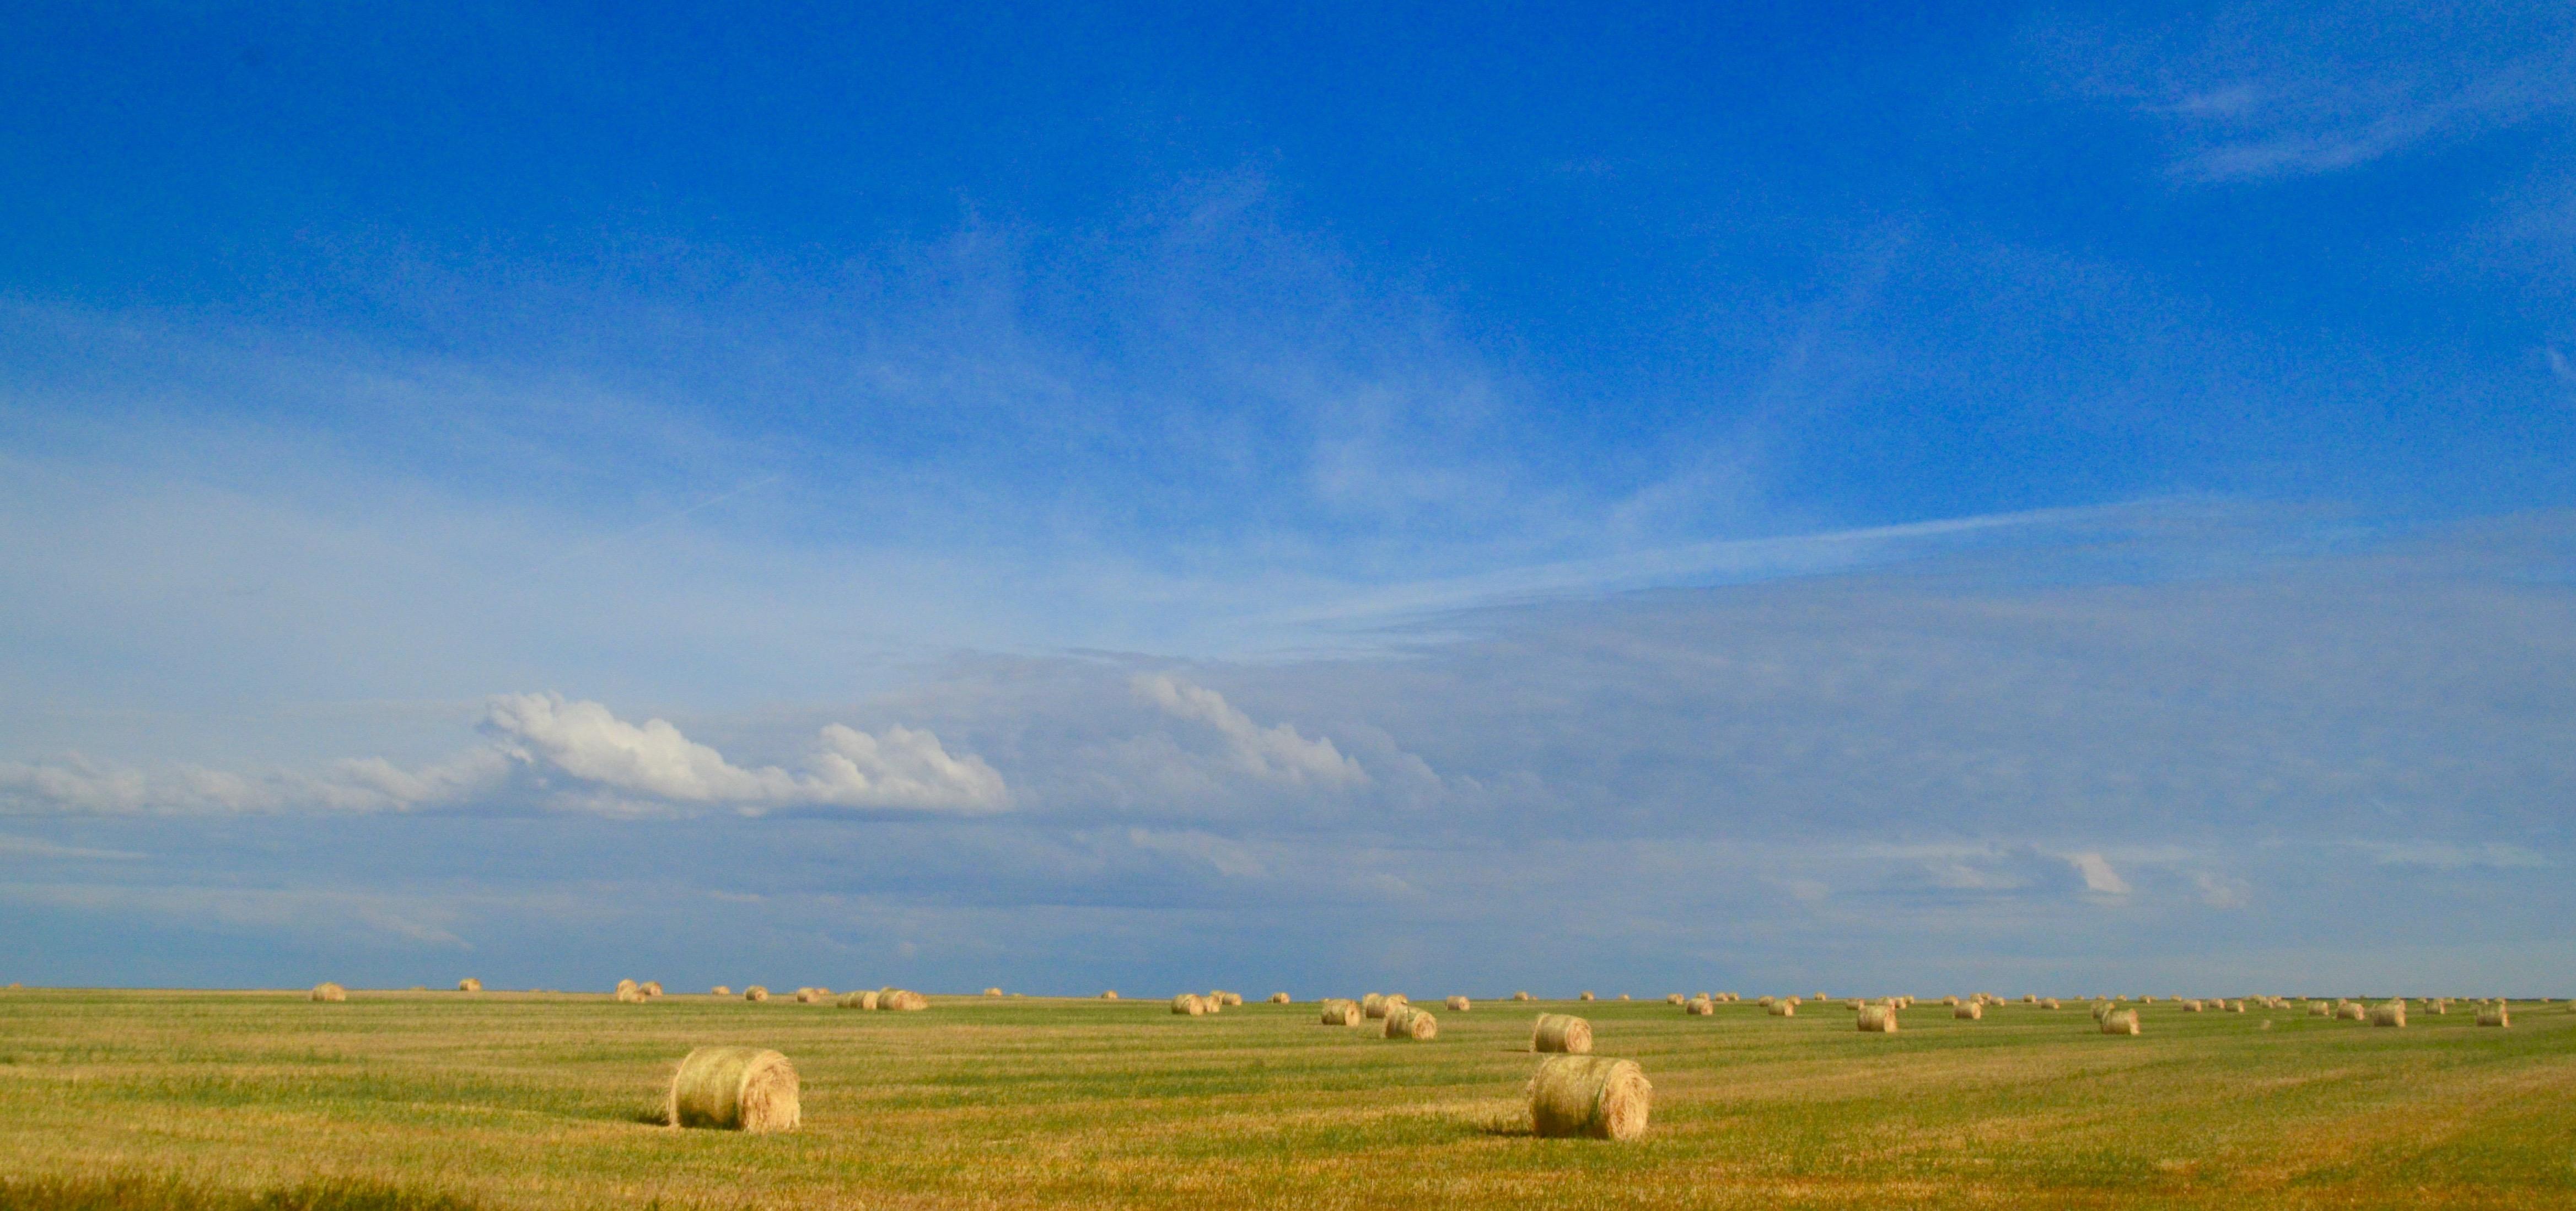 Saskatchewan Land of Living Skies